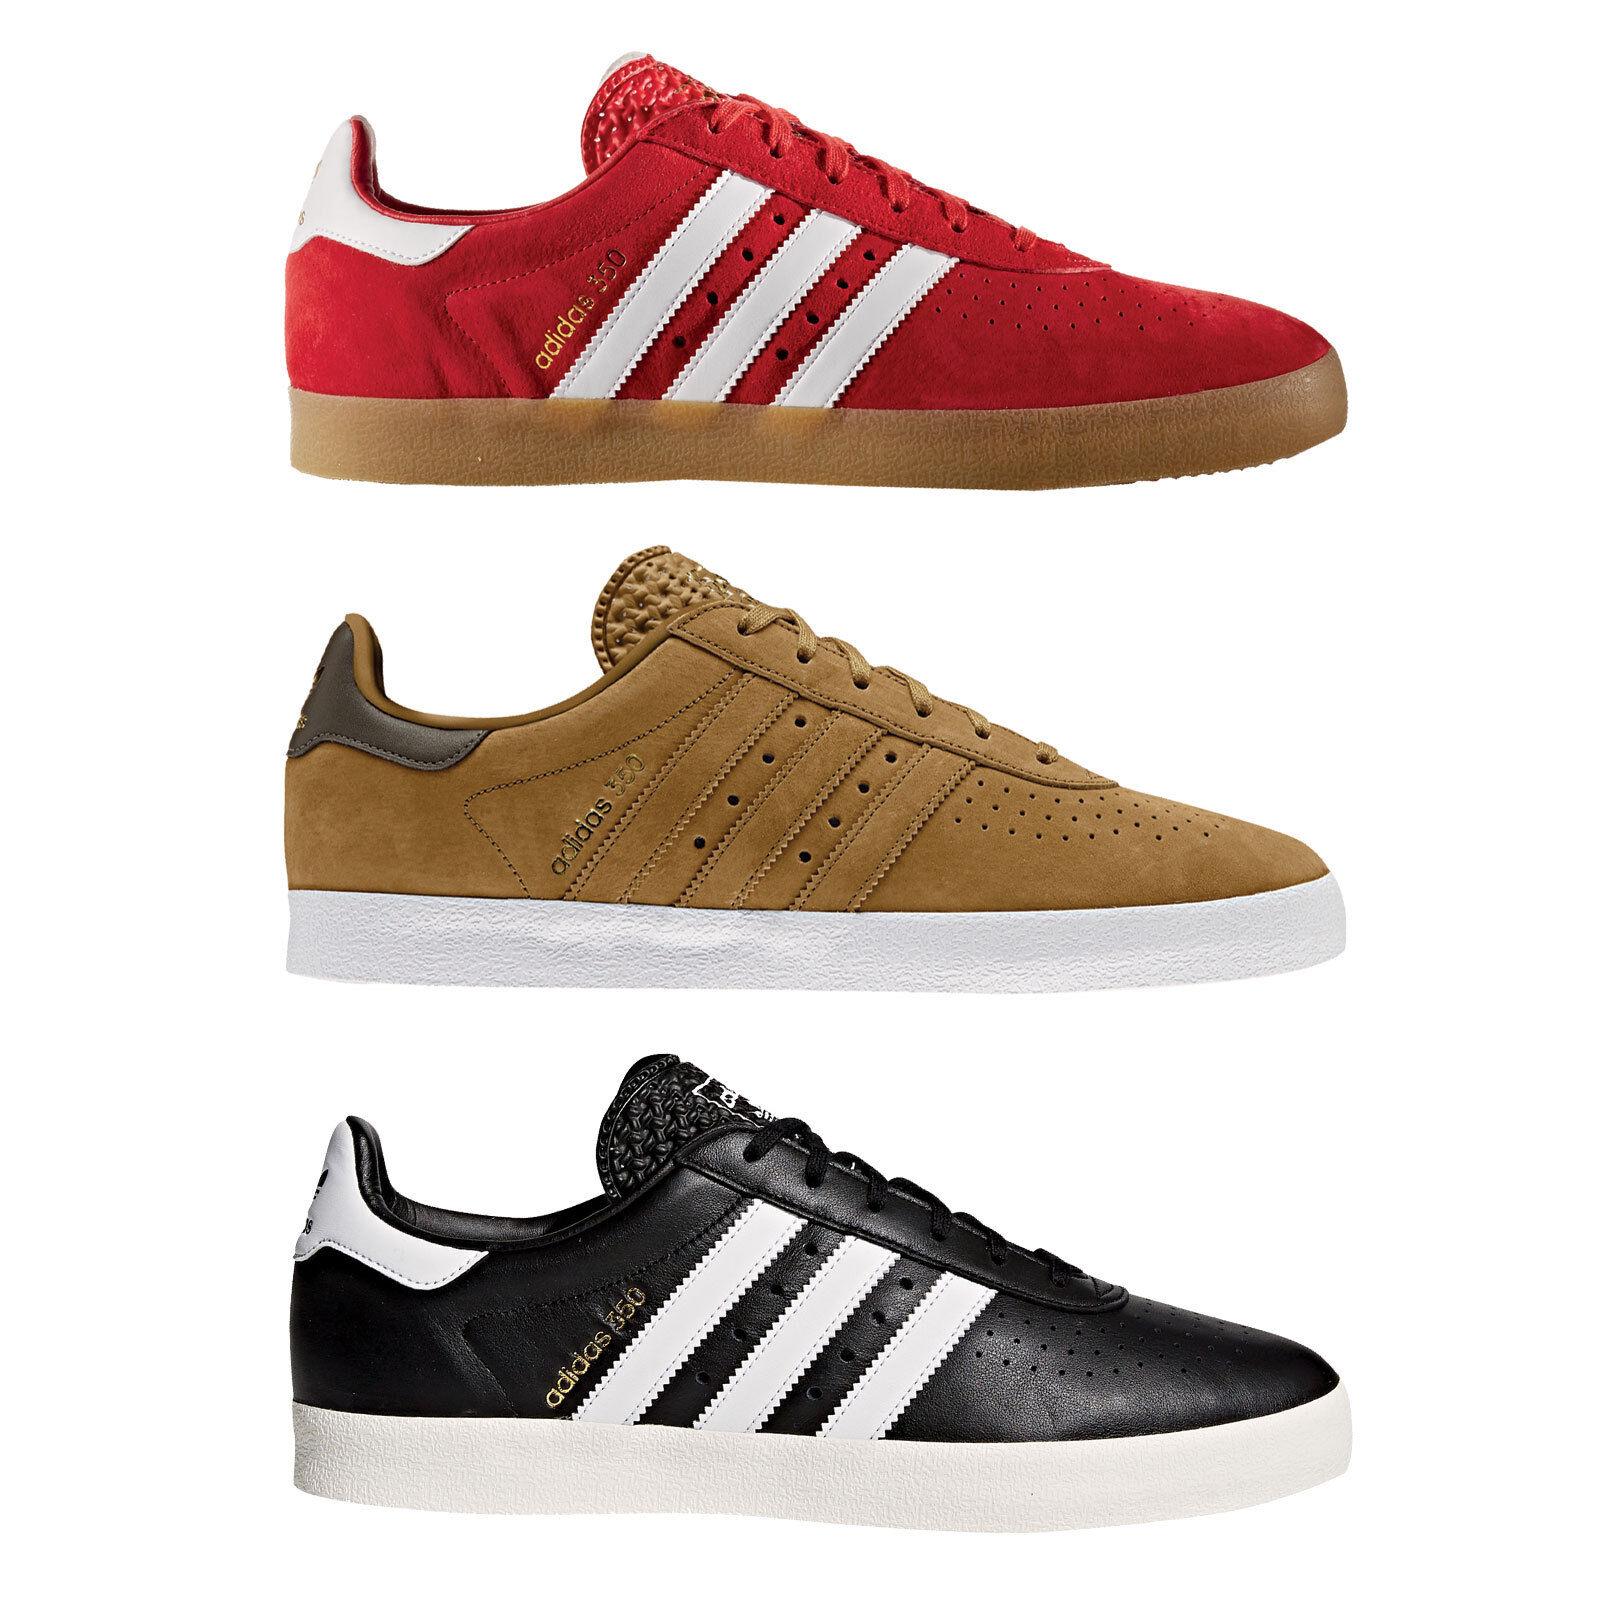 Adidas Originals 350 caballeros-zapatillas casual zapatillas deporte zapato bajo nuevo